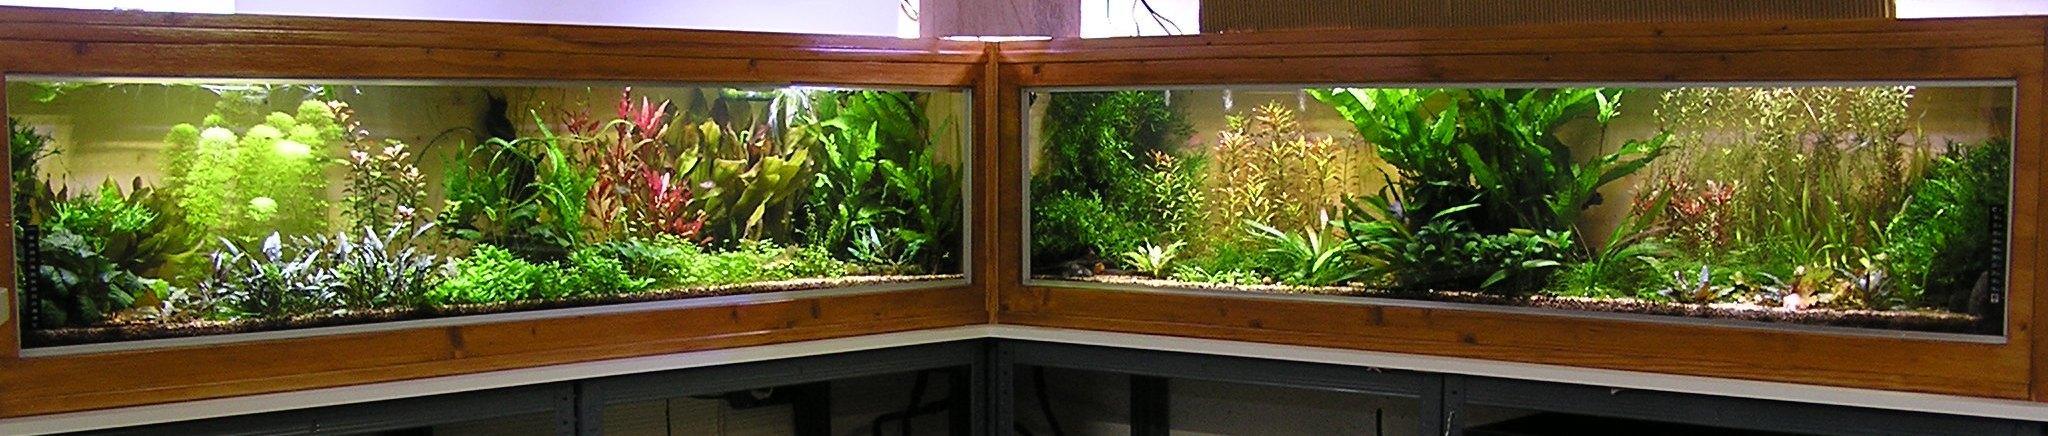 photo http://www.aquariophilie.org/images/article/Mon-aquarium-et-ses-secrets_a05311925_0.jpeg